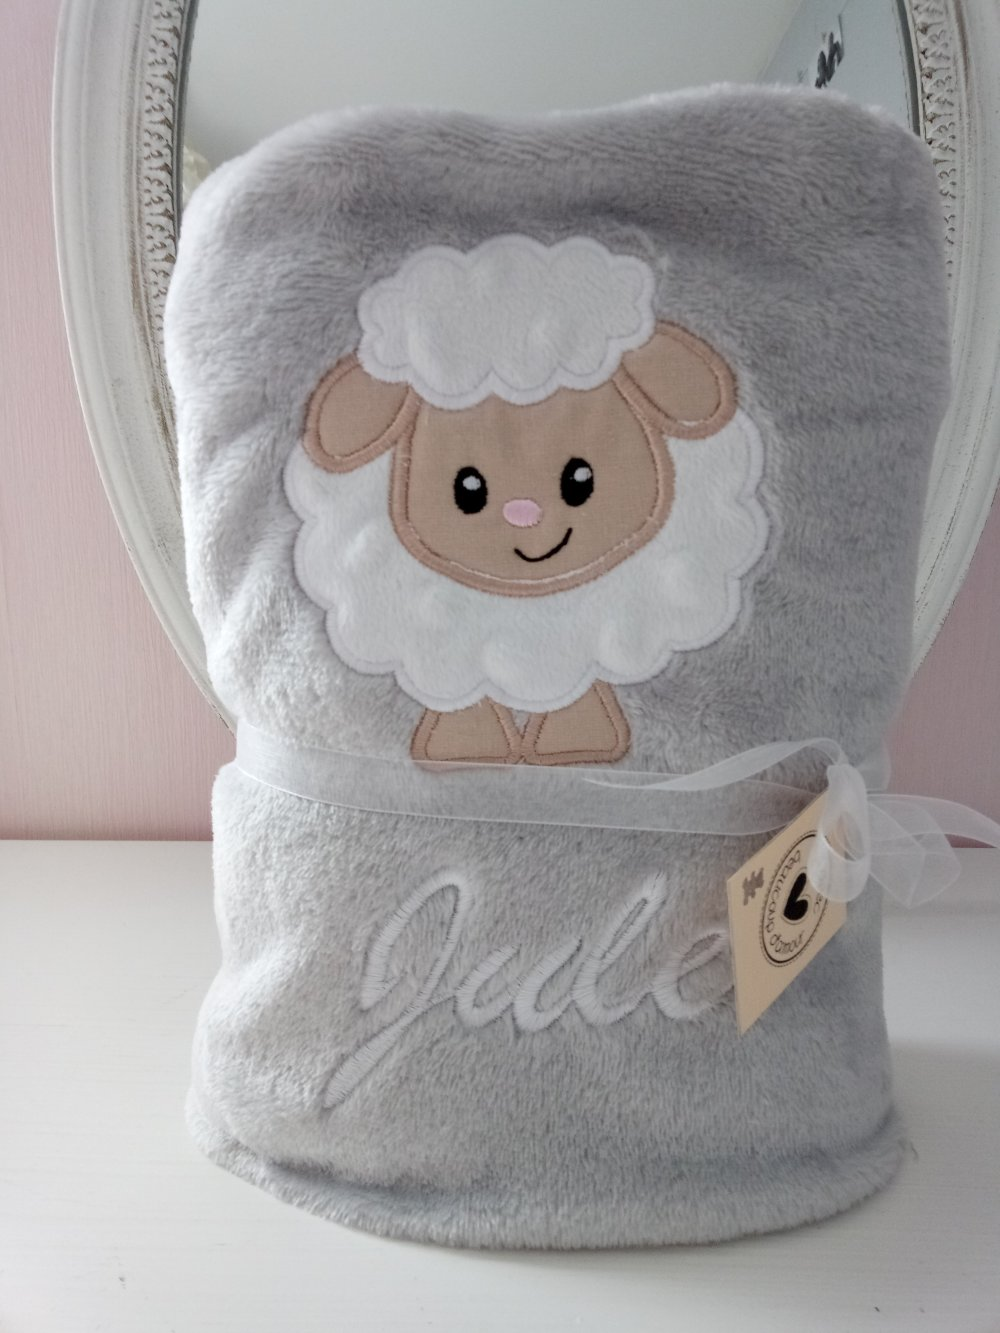 Couverture plaid polaire brodée bébé personnalisé motif mouton